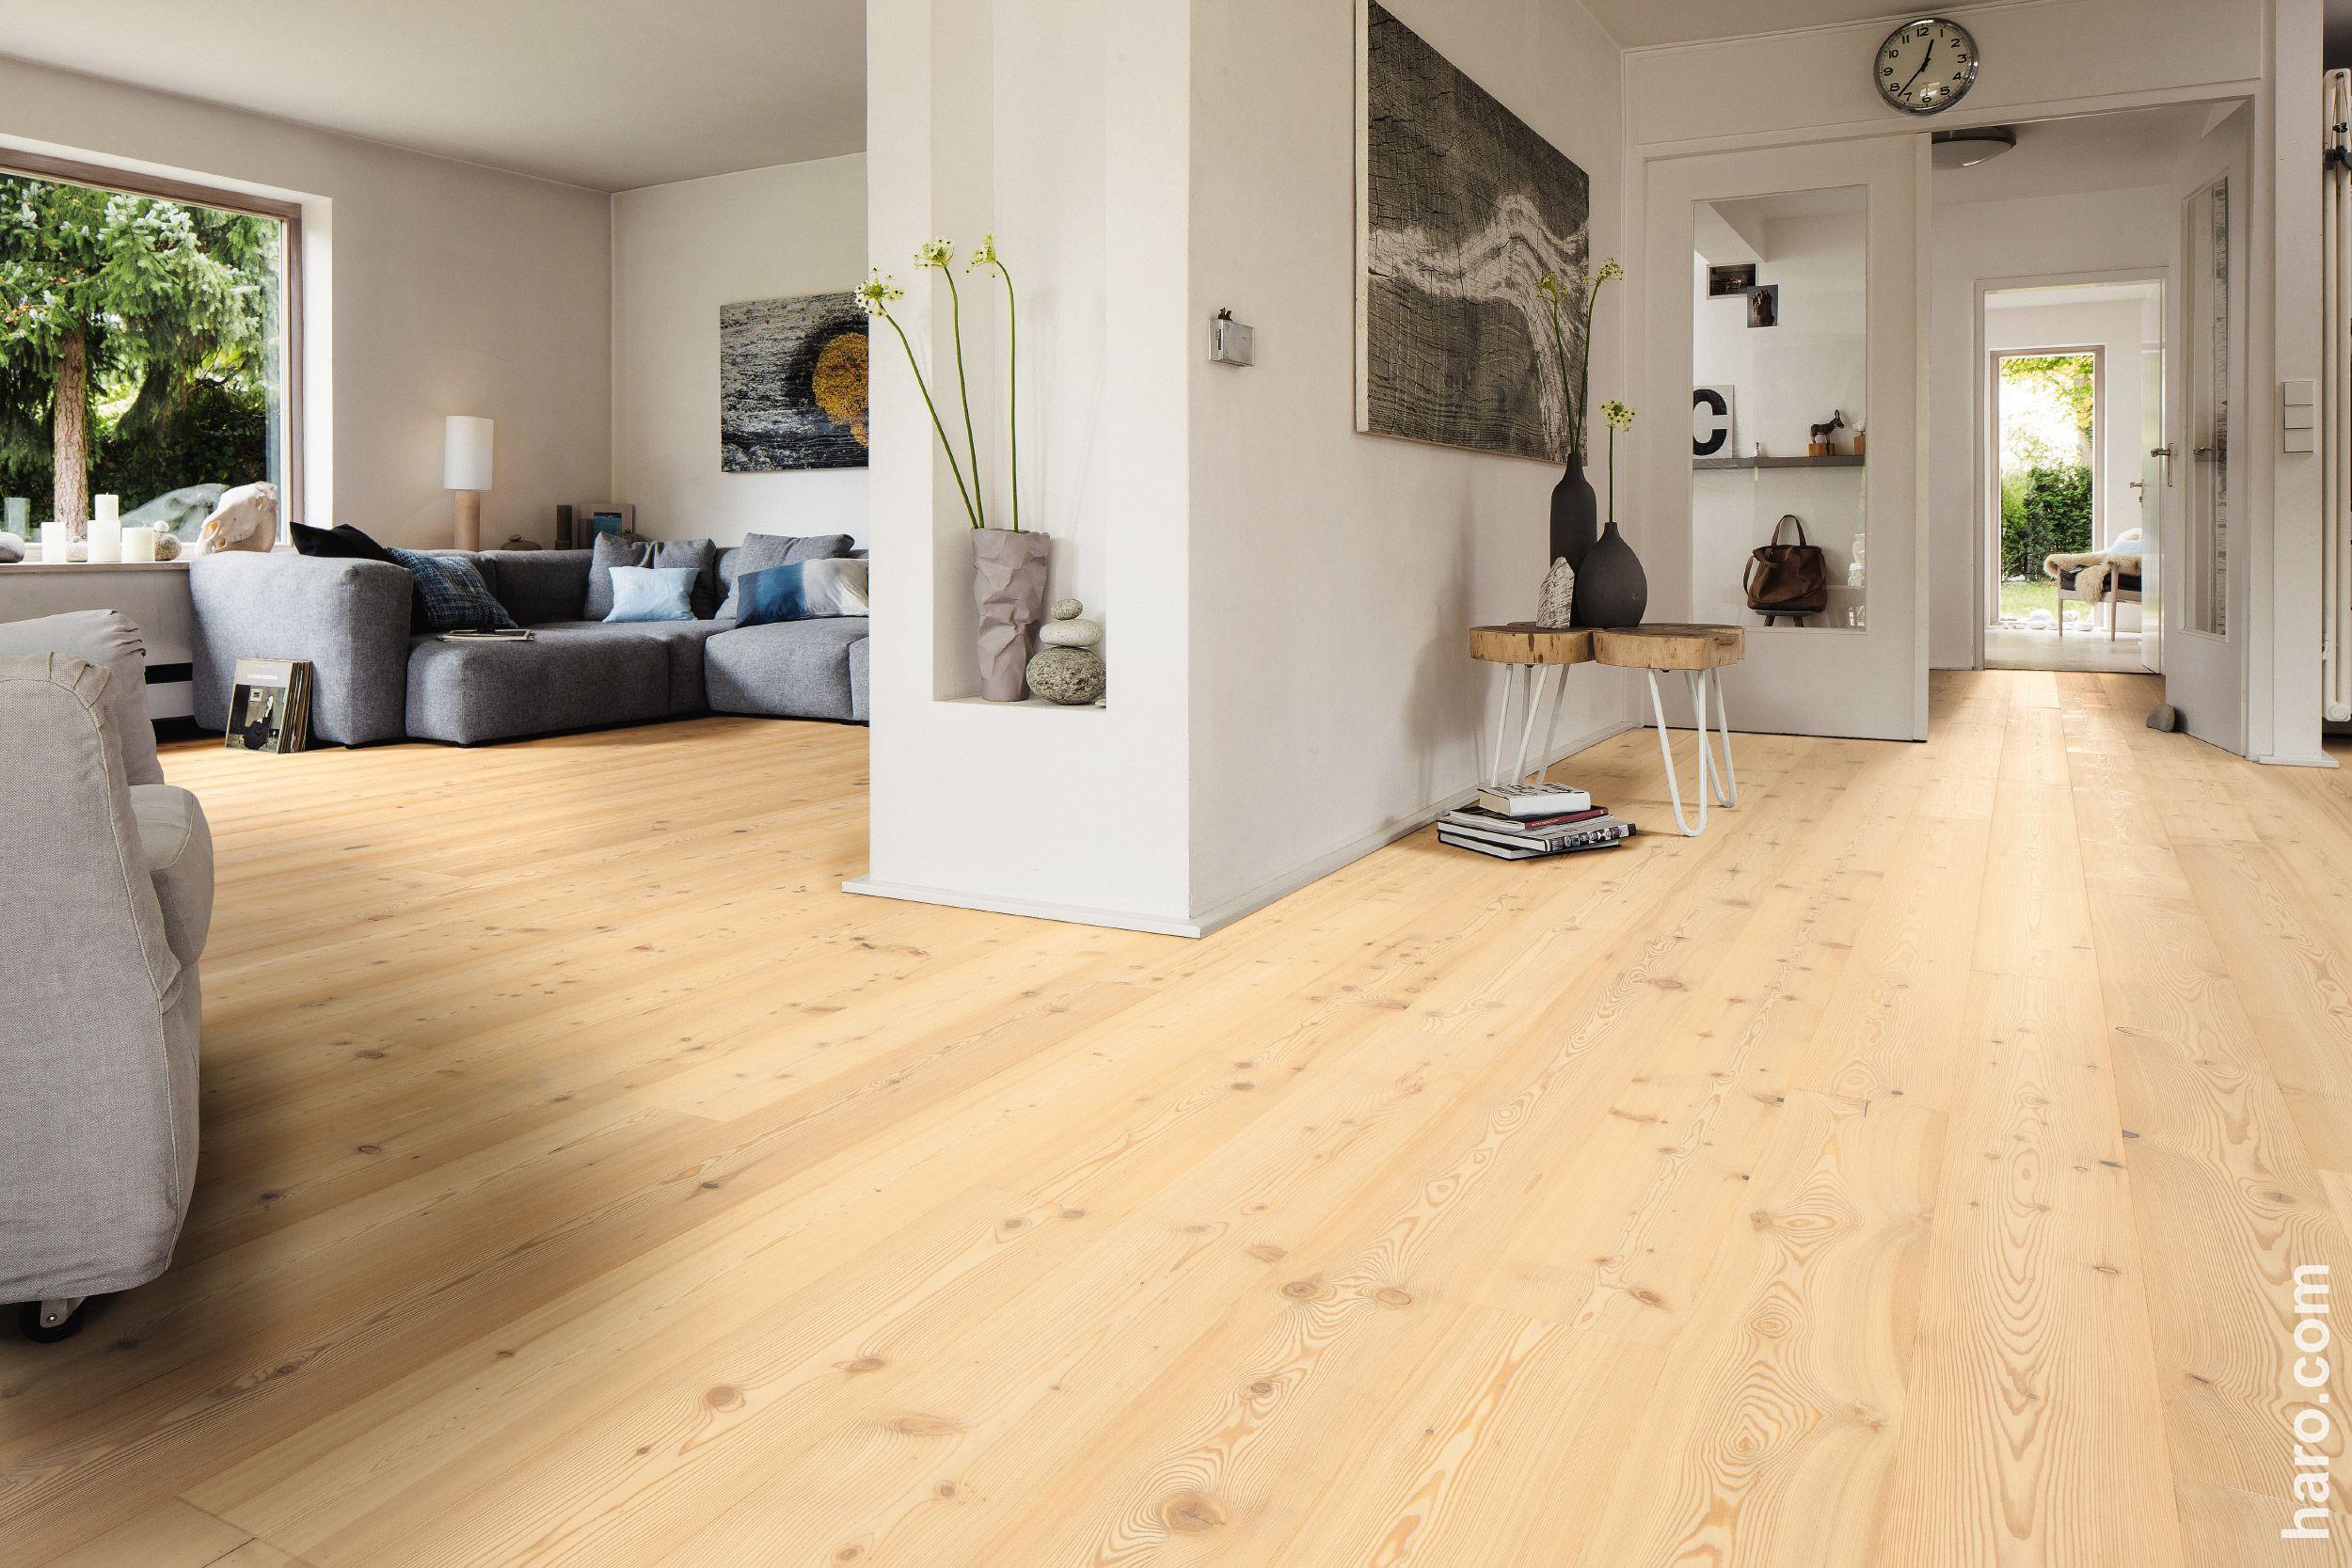 Fußboden Weiß Xl ~ Unsere parkett landhausdiele lärche weiß sauvage zaubert einen